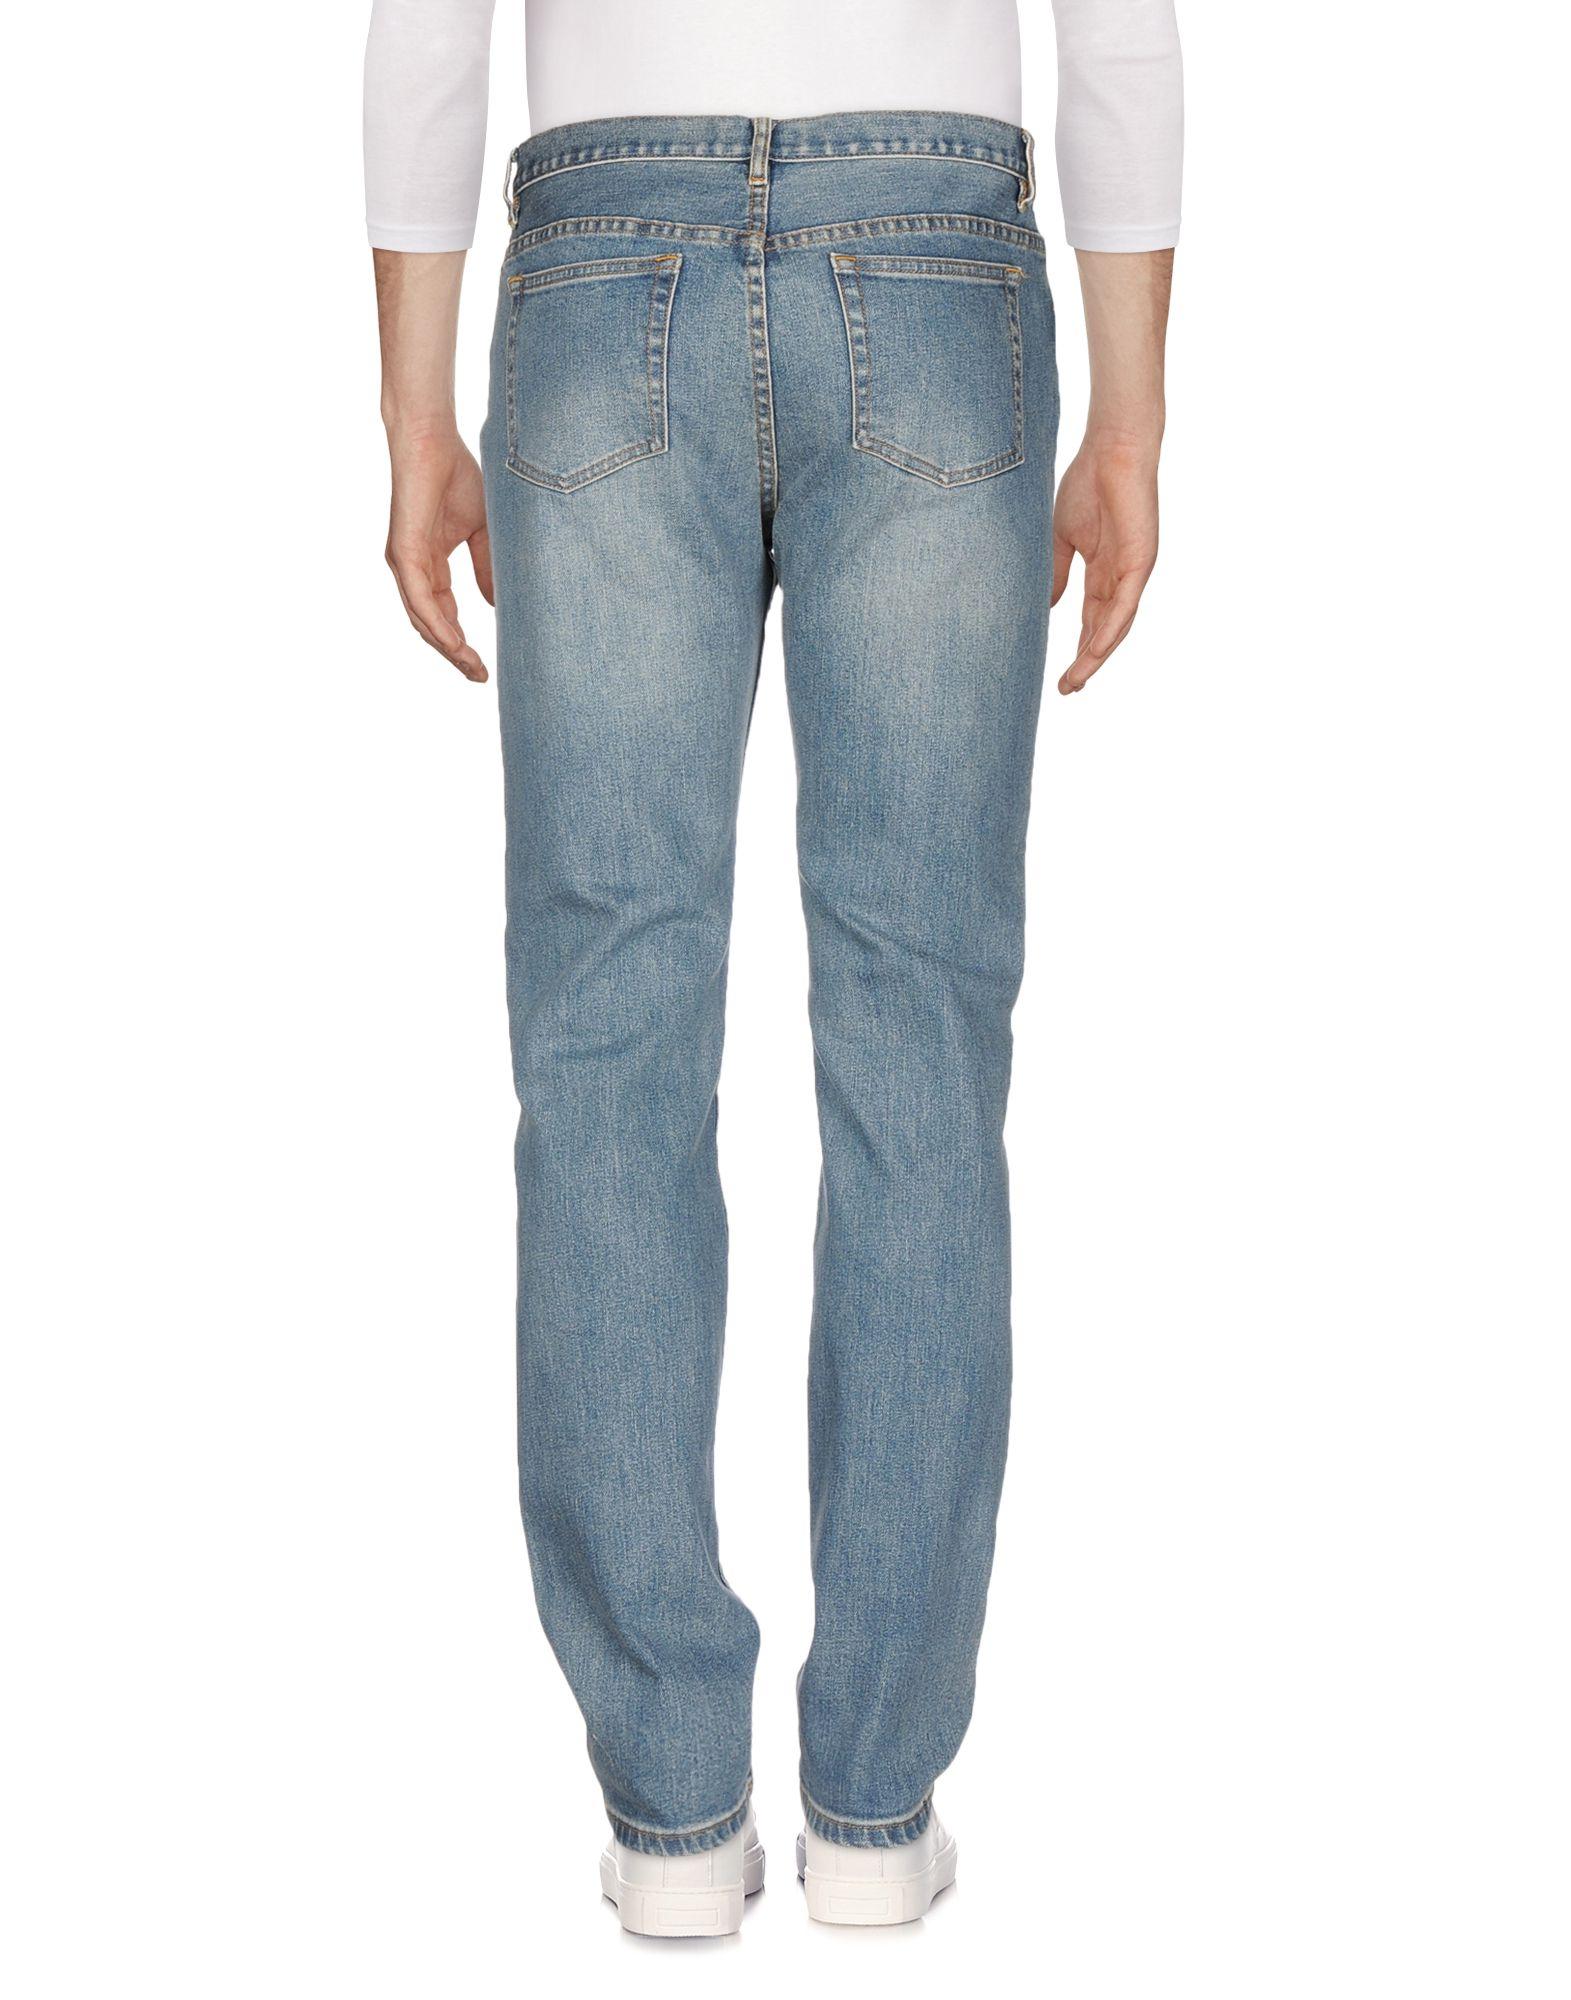 Pantaloni Jeans A.P.C. Uomo - - - 42661997LF 11c64a